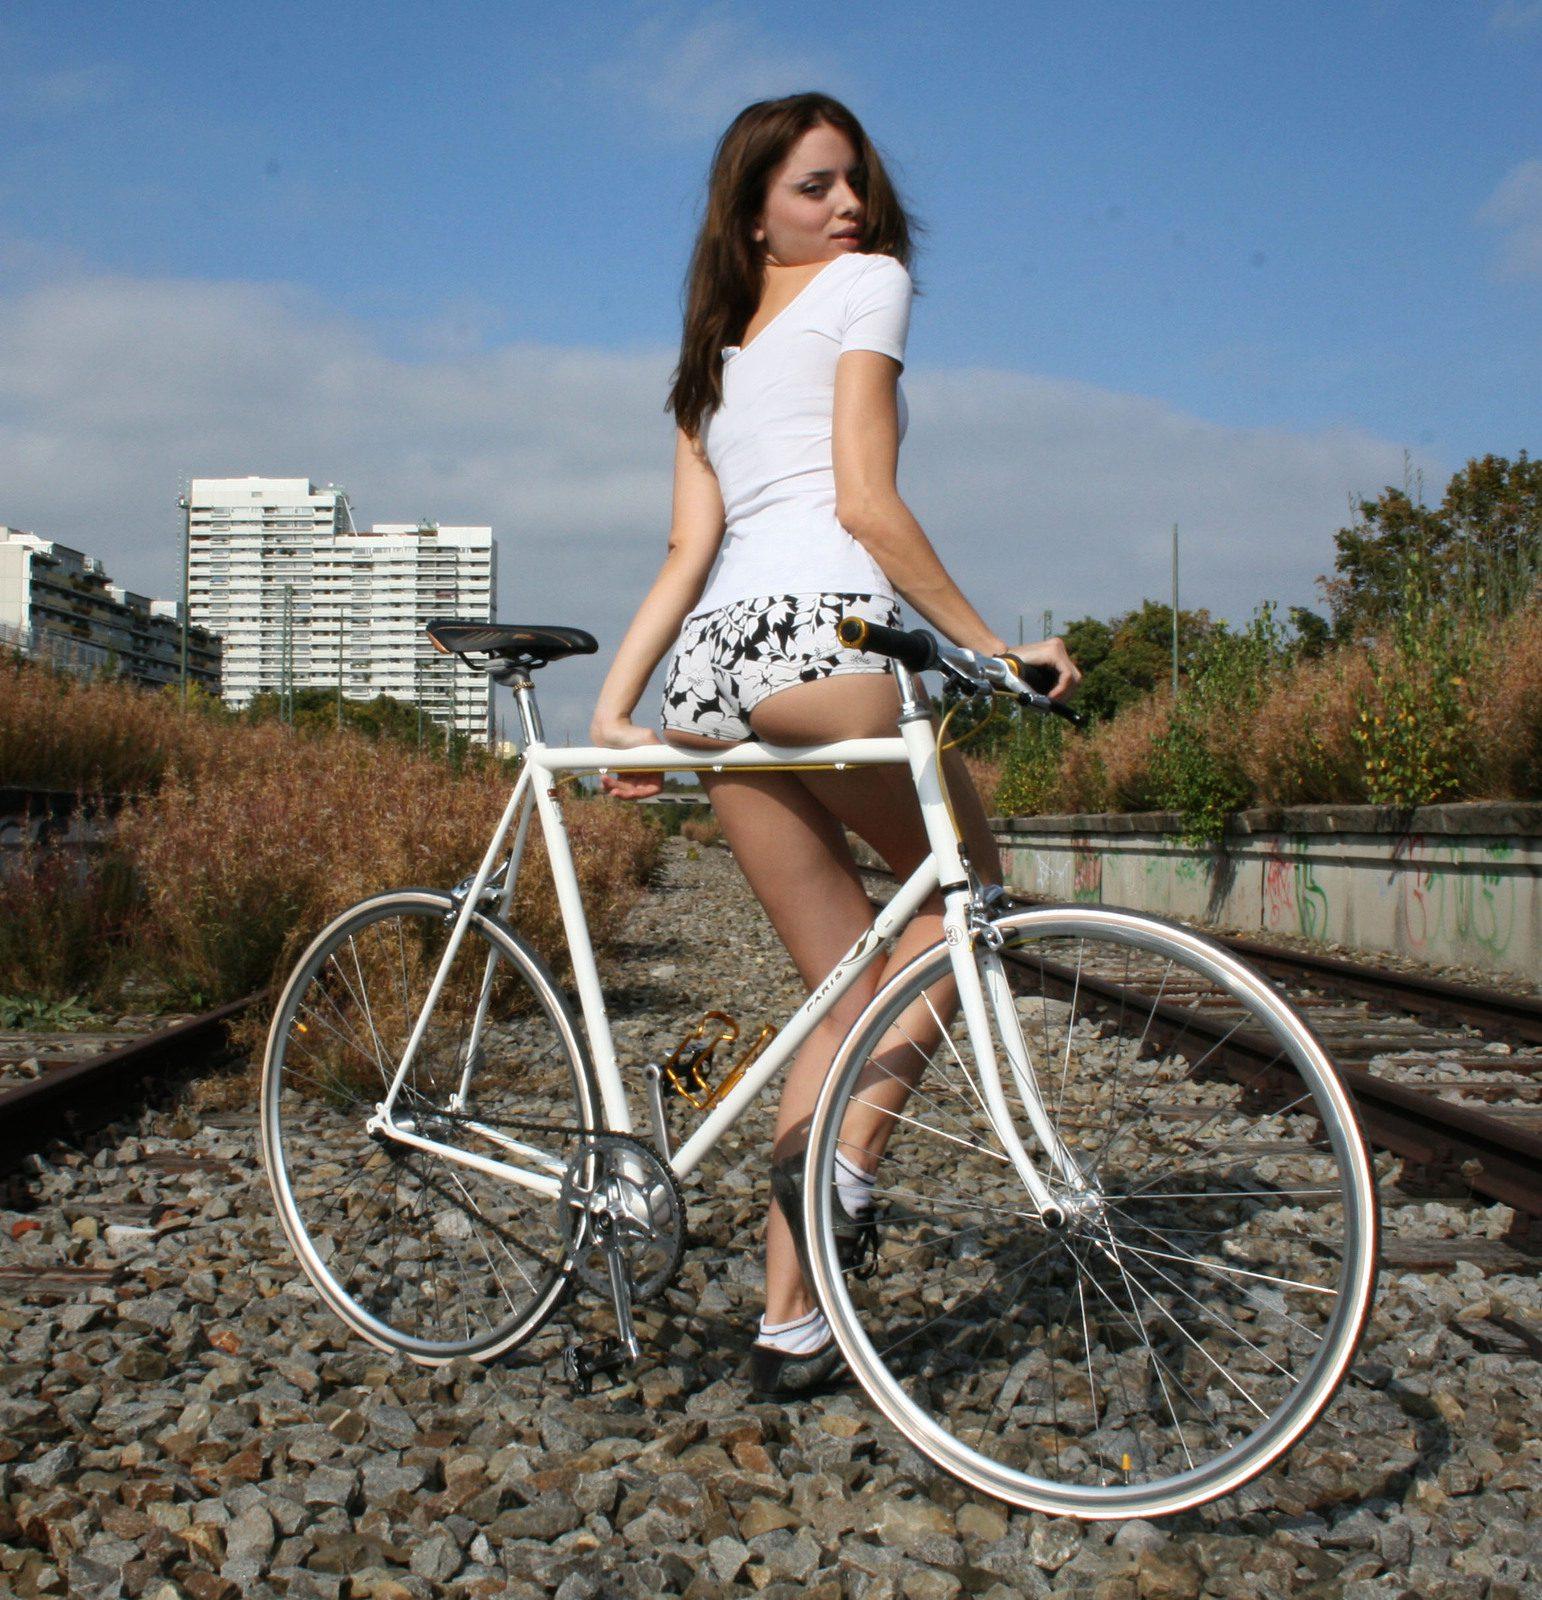 bike-girl-41